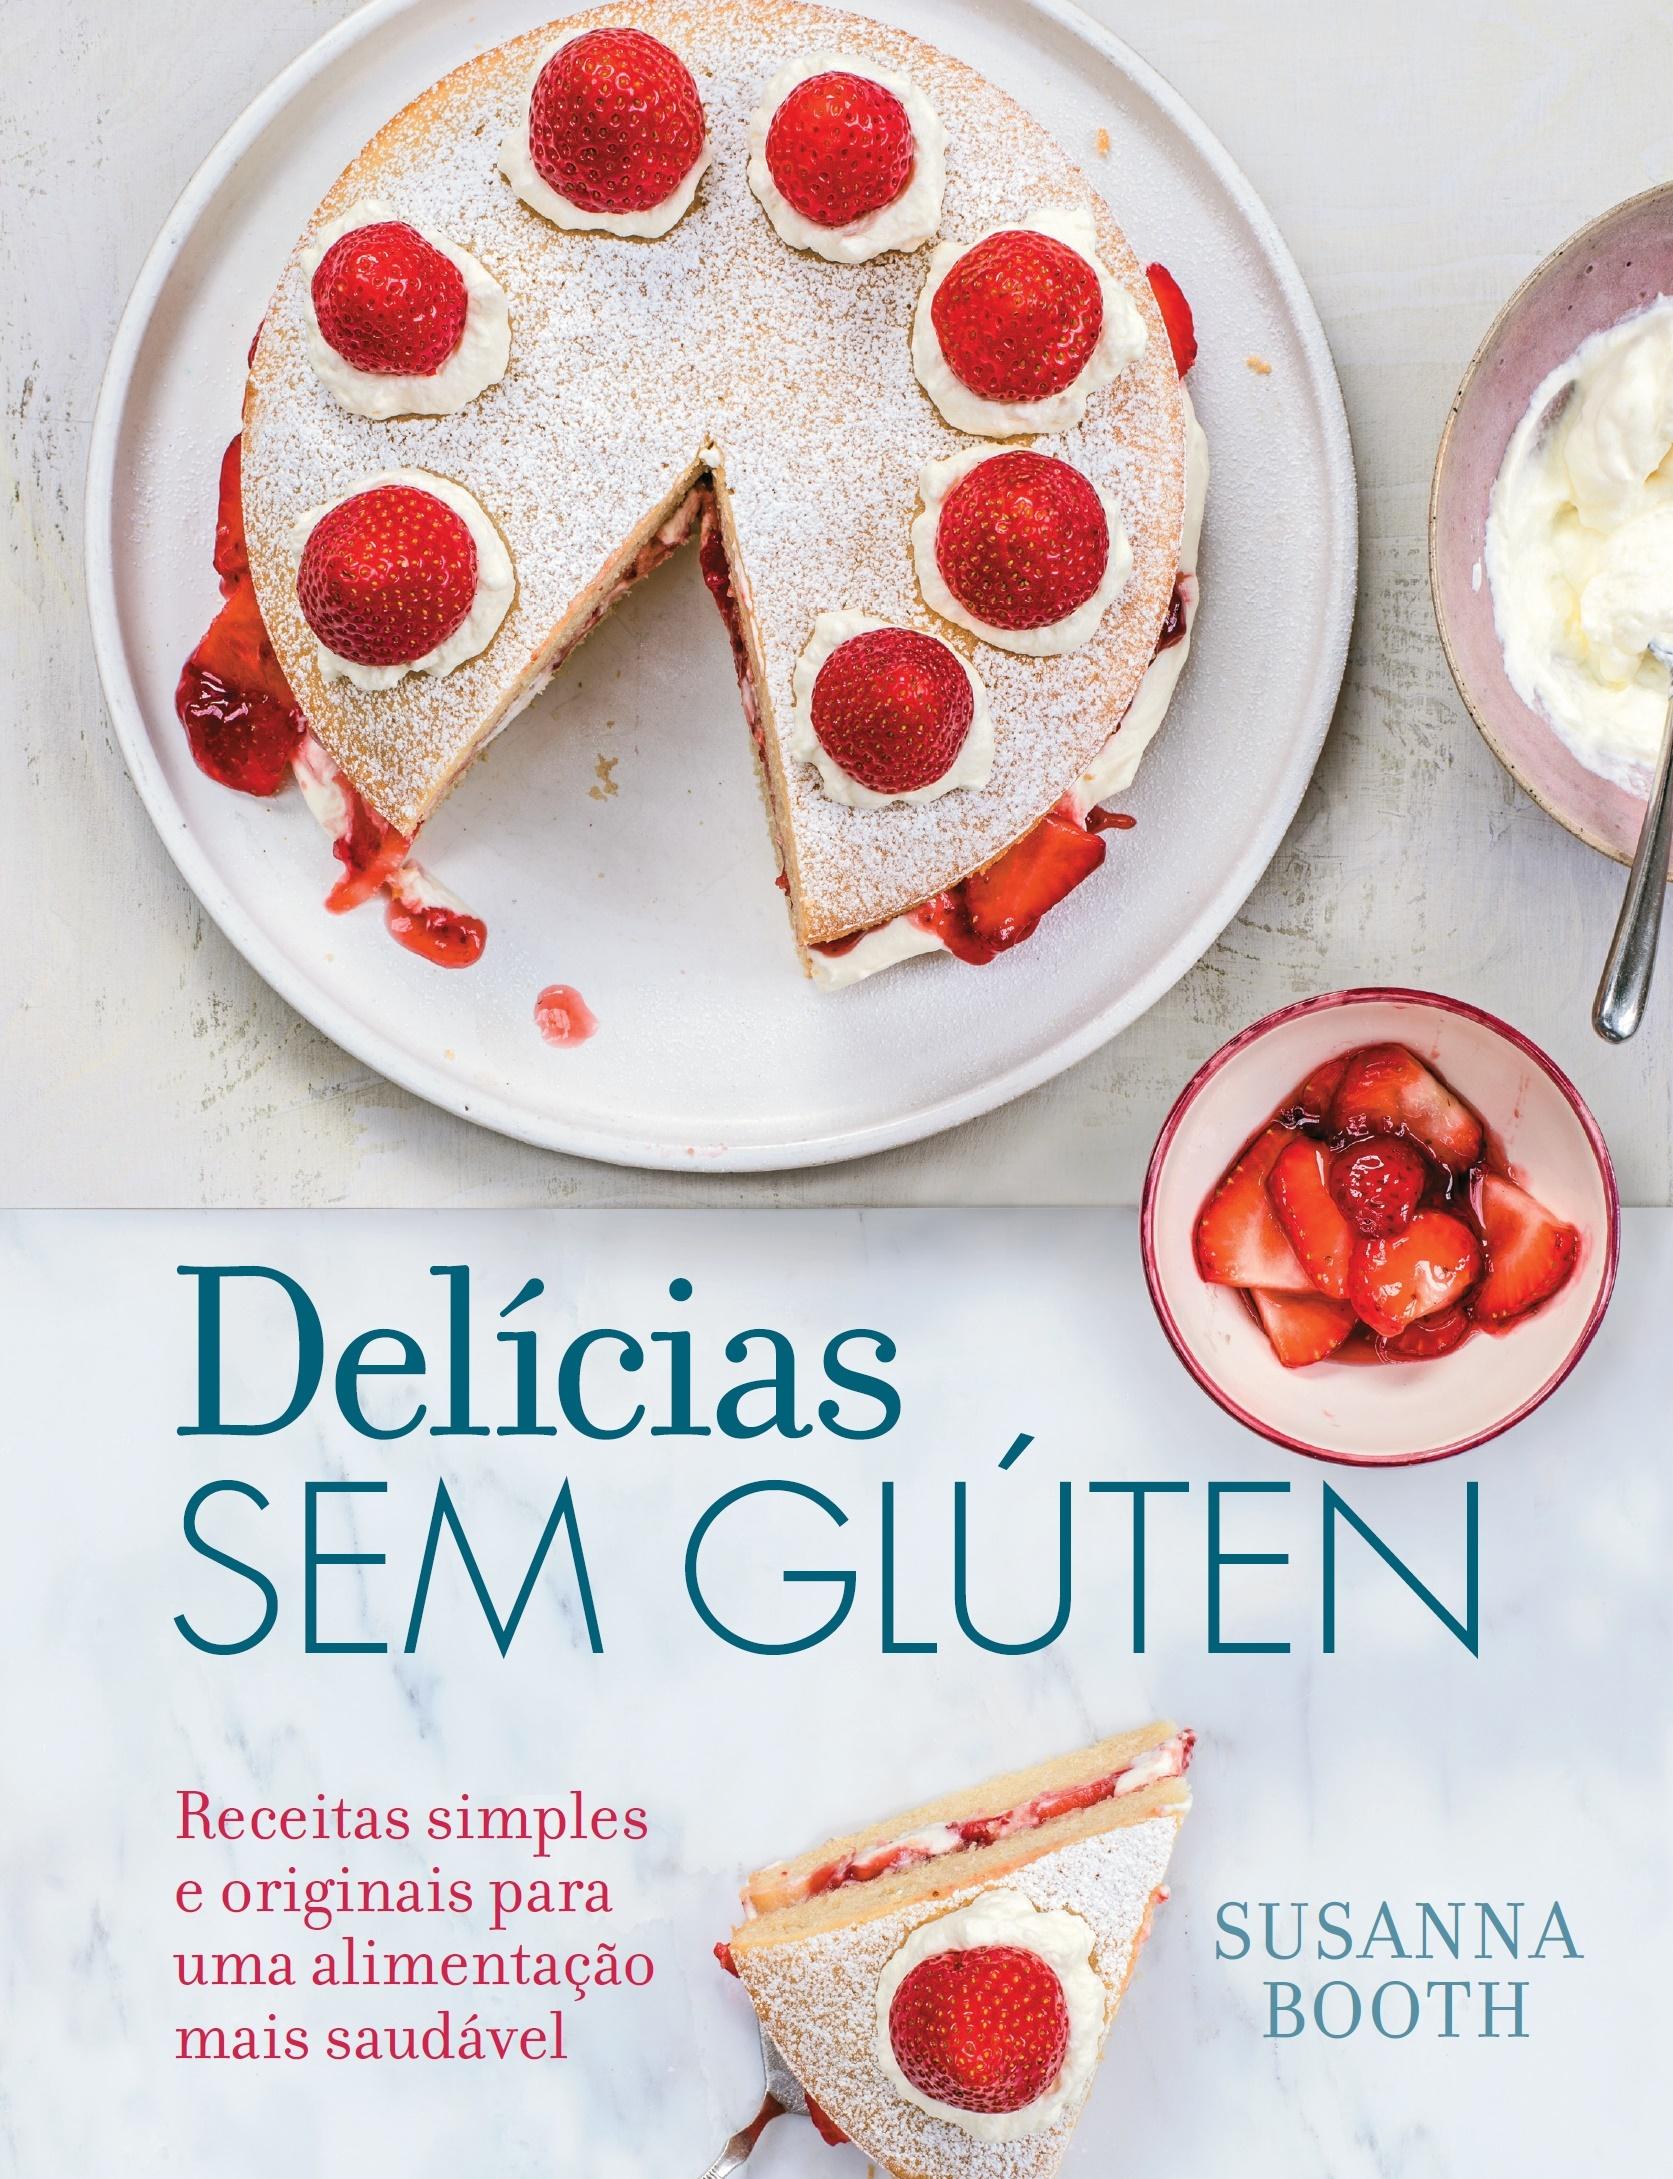 delicias-sem-gluten